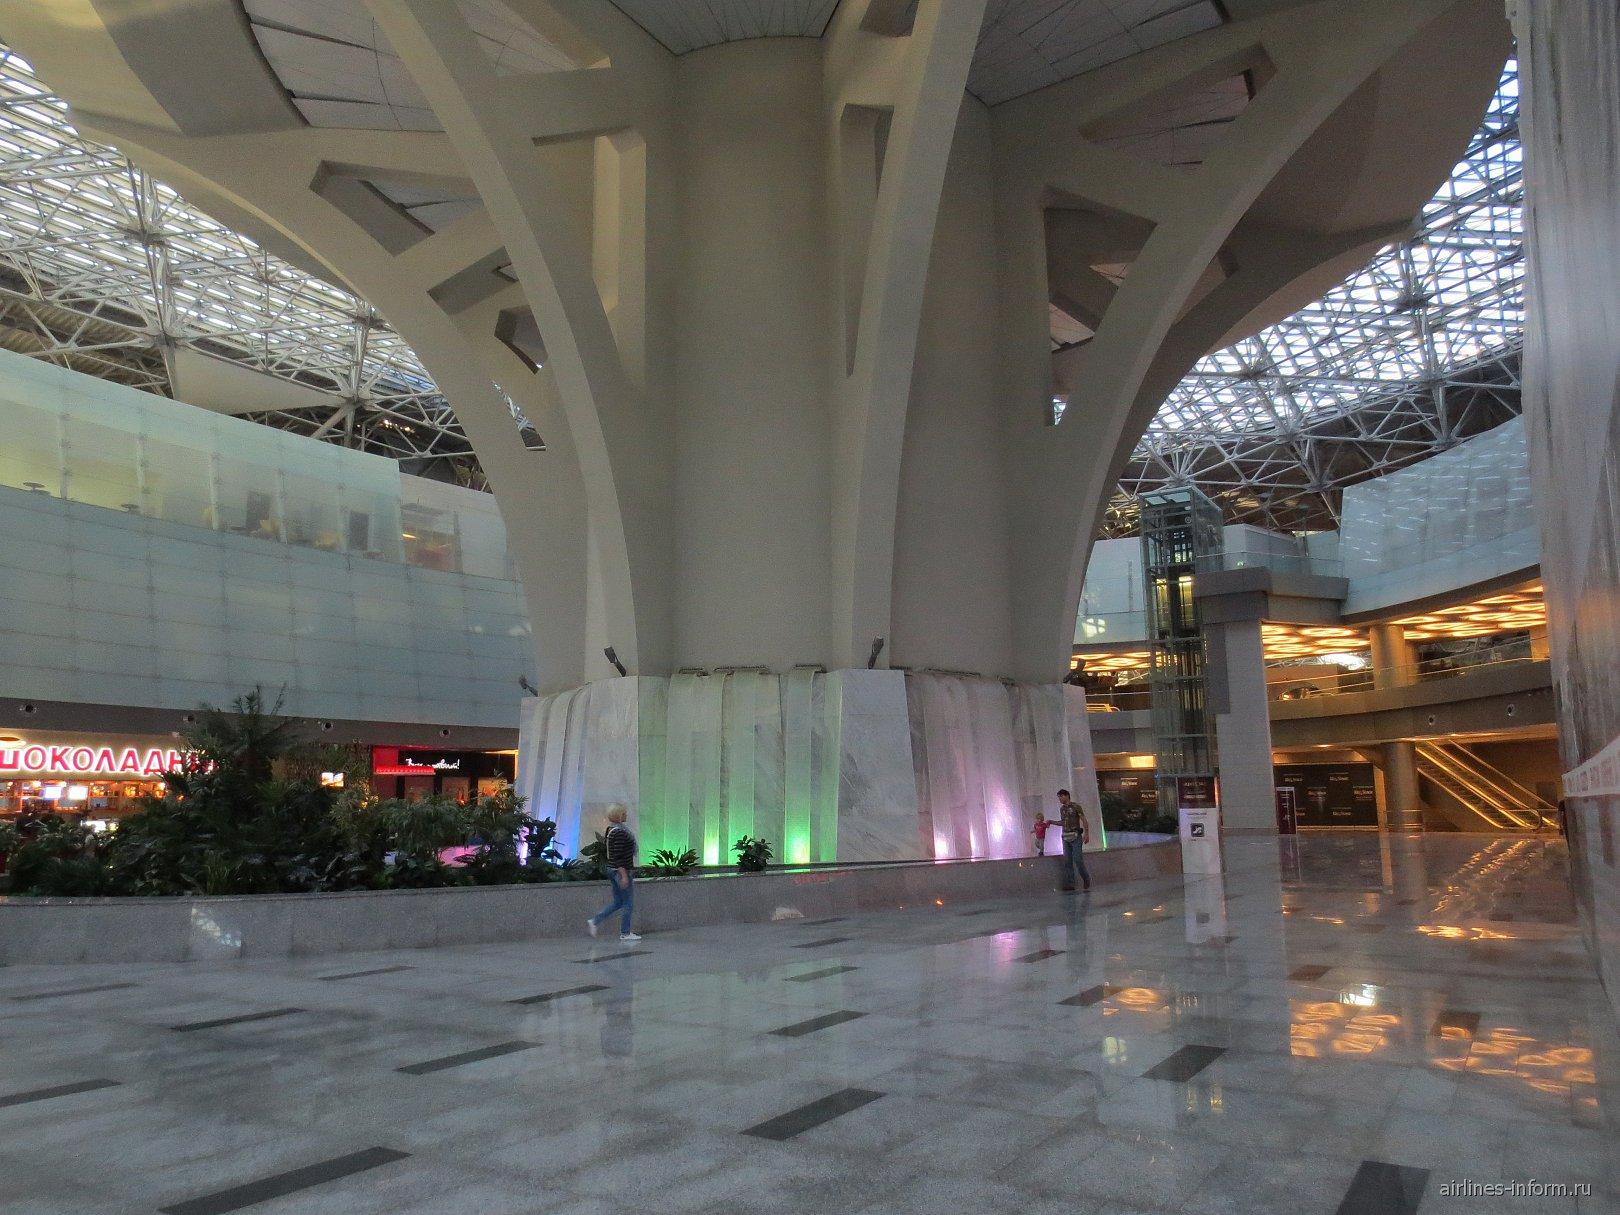 Водопад в чистой зоне международных вылетов терминала А аэропорта Внуково